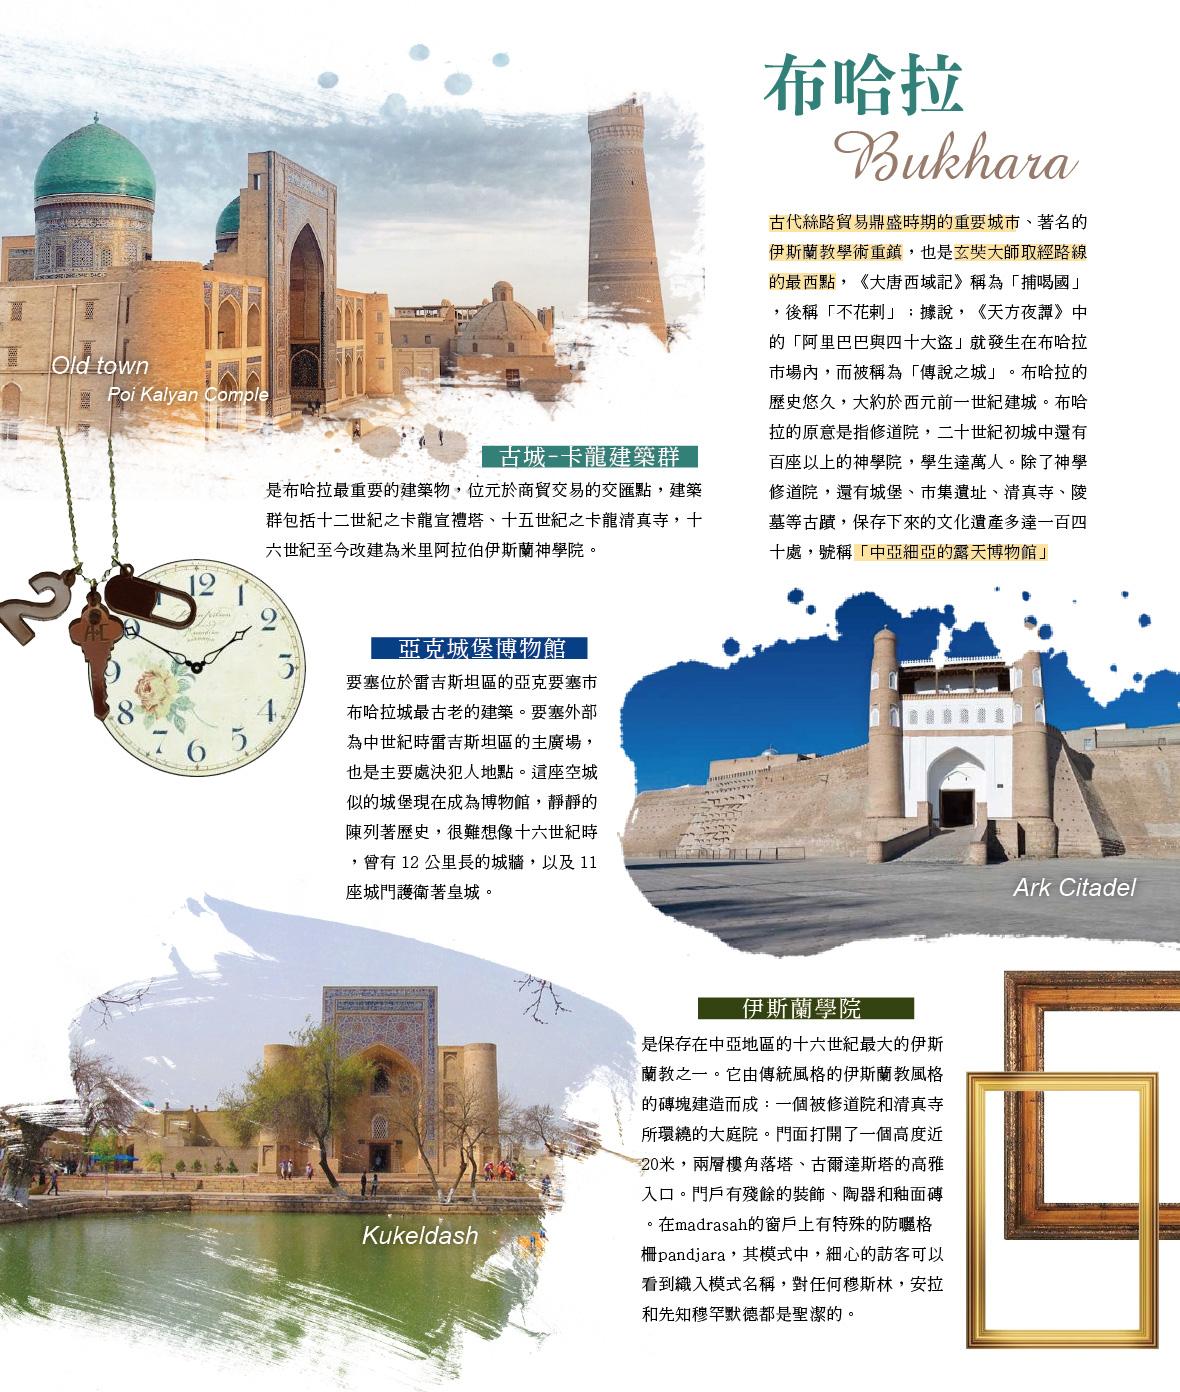 布哈拉 卡龍建築群 亞克城堡博物館 伊斯蘭學院